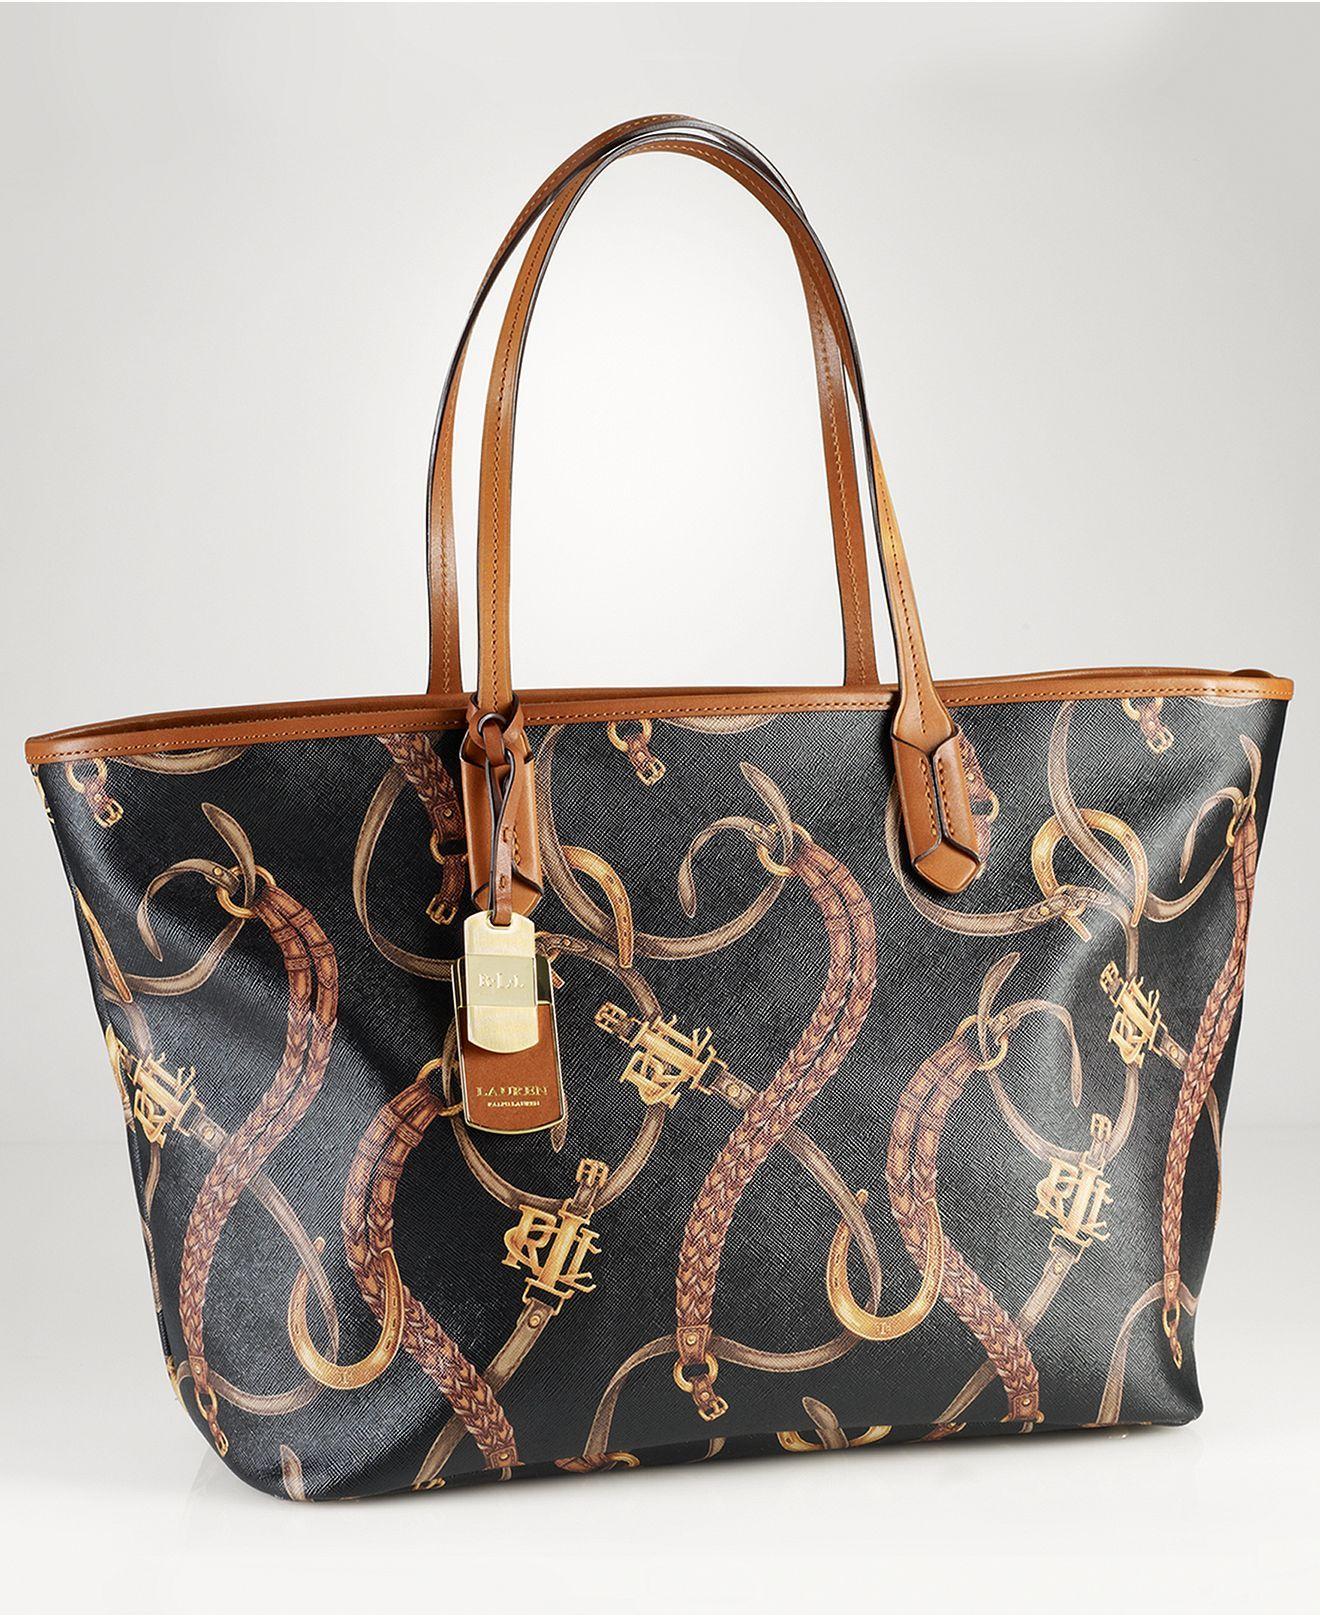 Ralph Lauren Handbags Macys